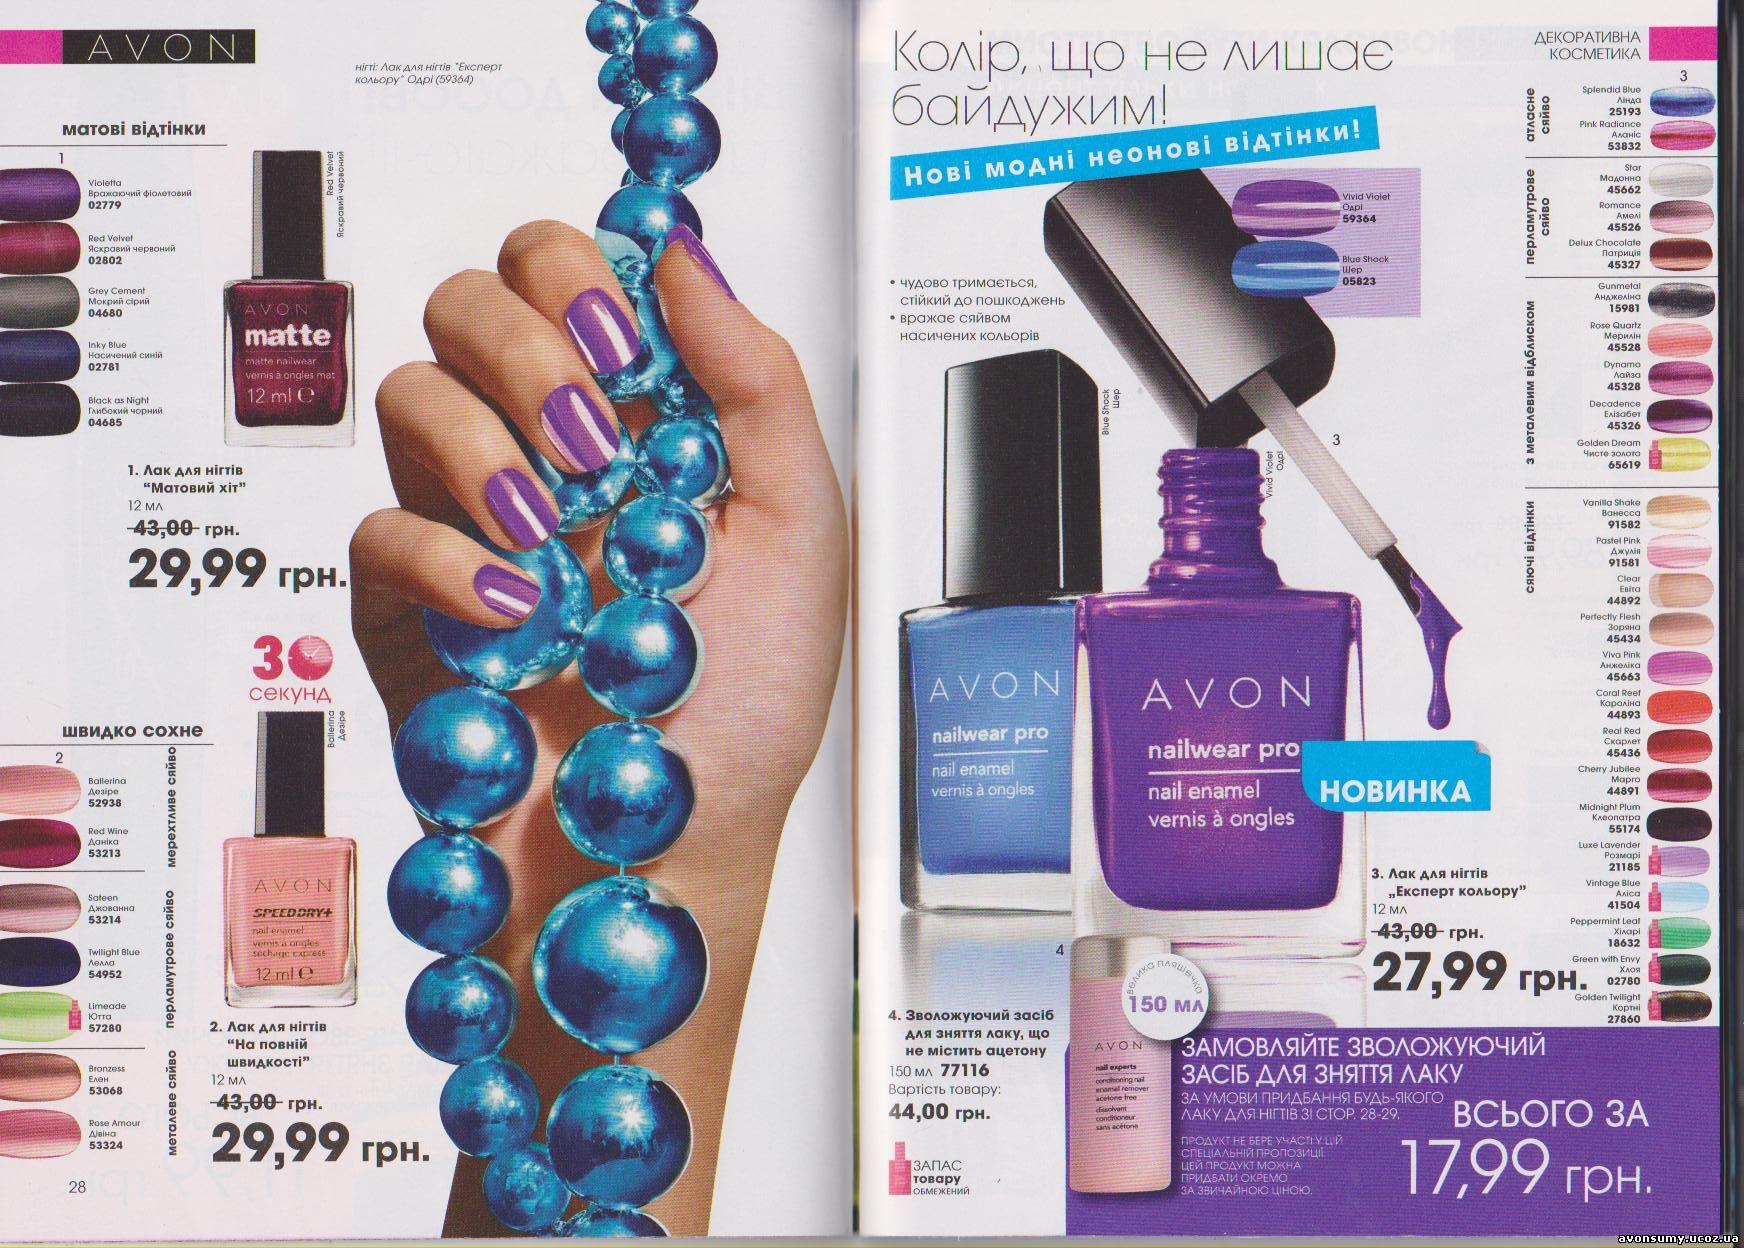 На этих страницах каталога Avon 06 2011 представлены следующие